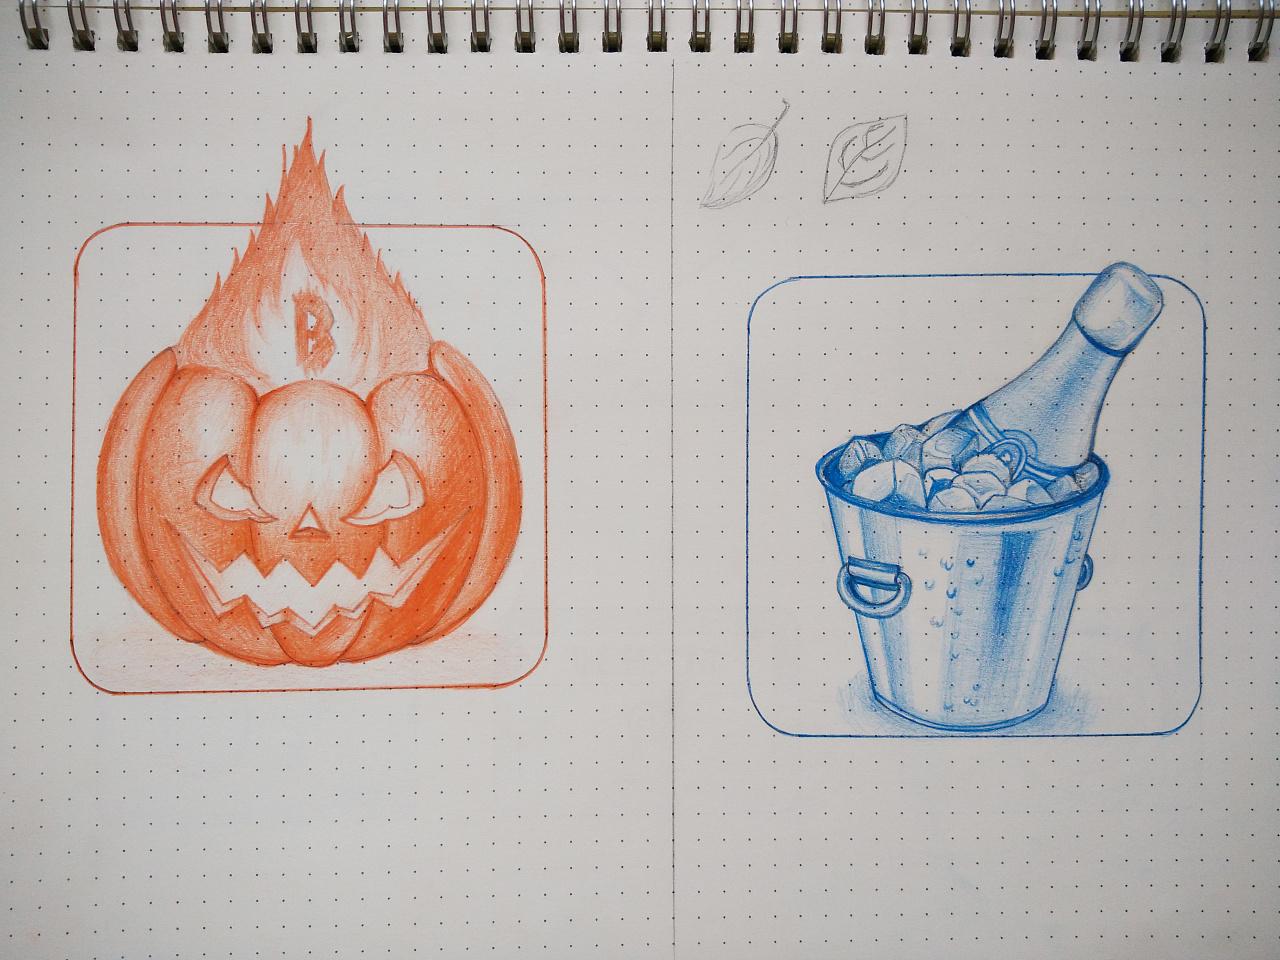 彩铅笔手绘临摹图标-01